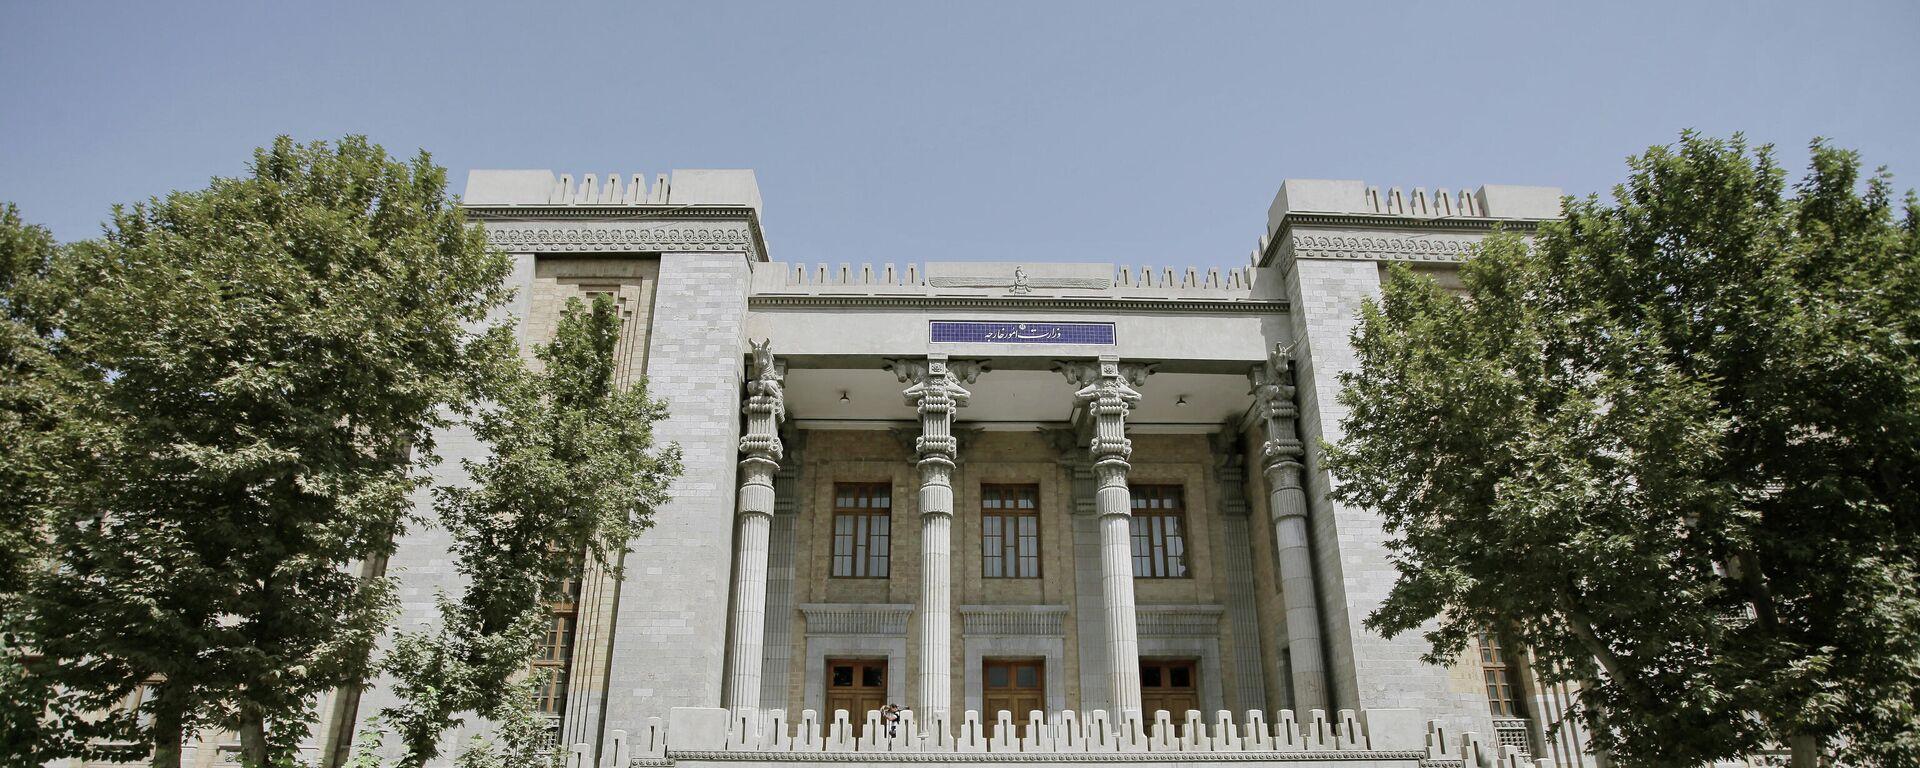 Το υπουργείο Εξωτερικών του Ιράν - Sputnik Ελλάδα, 1920, 12.08.2021